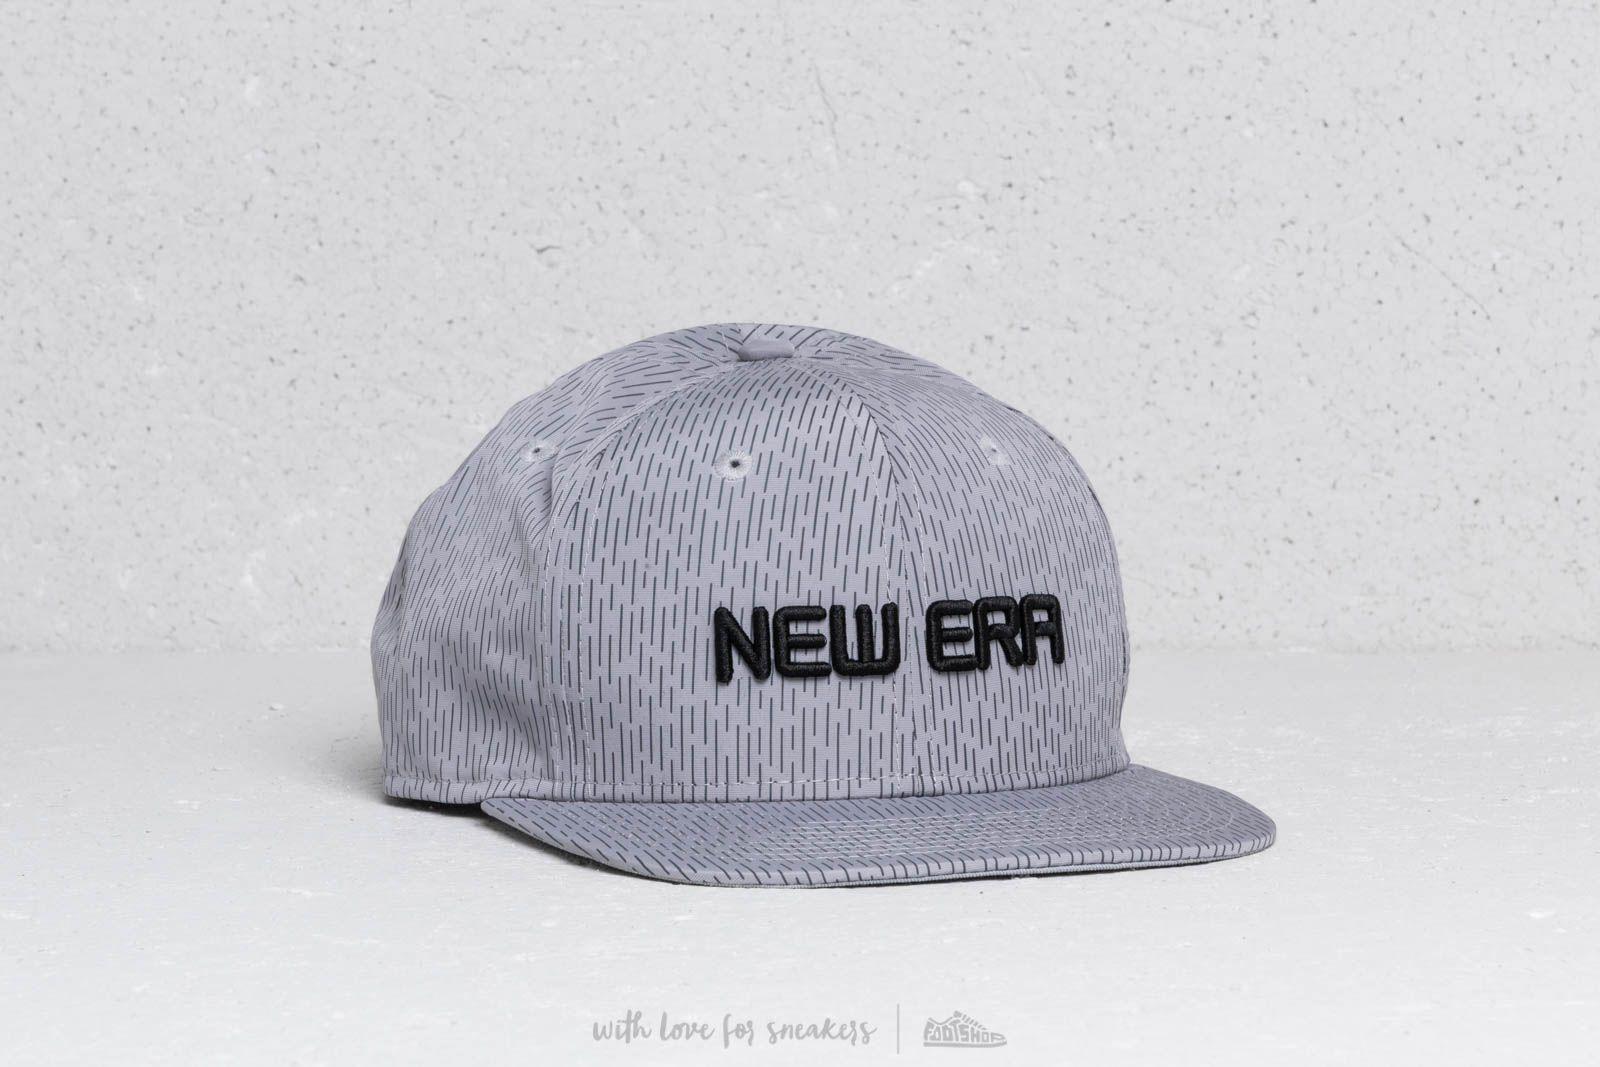 New Era 9Fifty Original Fit Rain Camo Cap Grey  Black at a great price £ bd491d12a5a